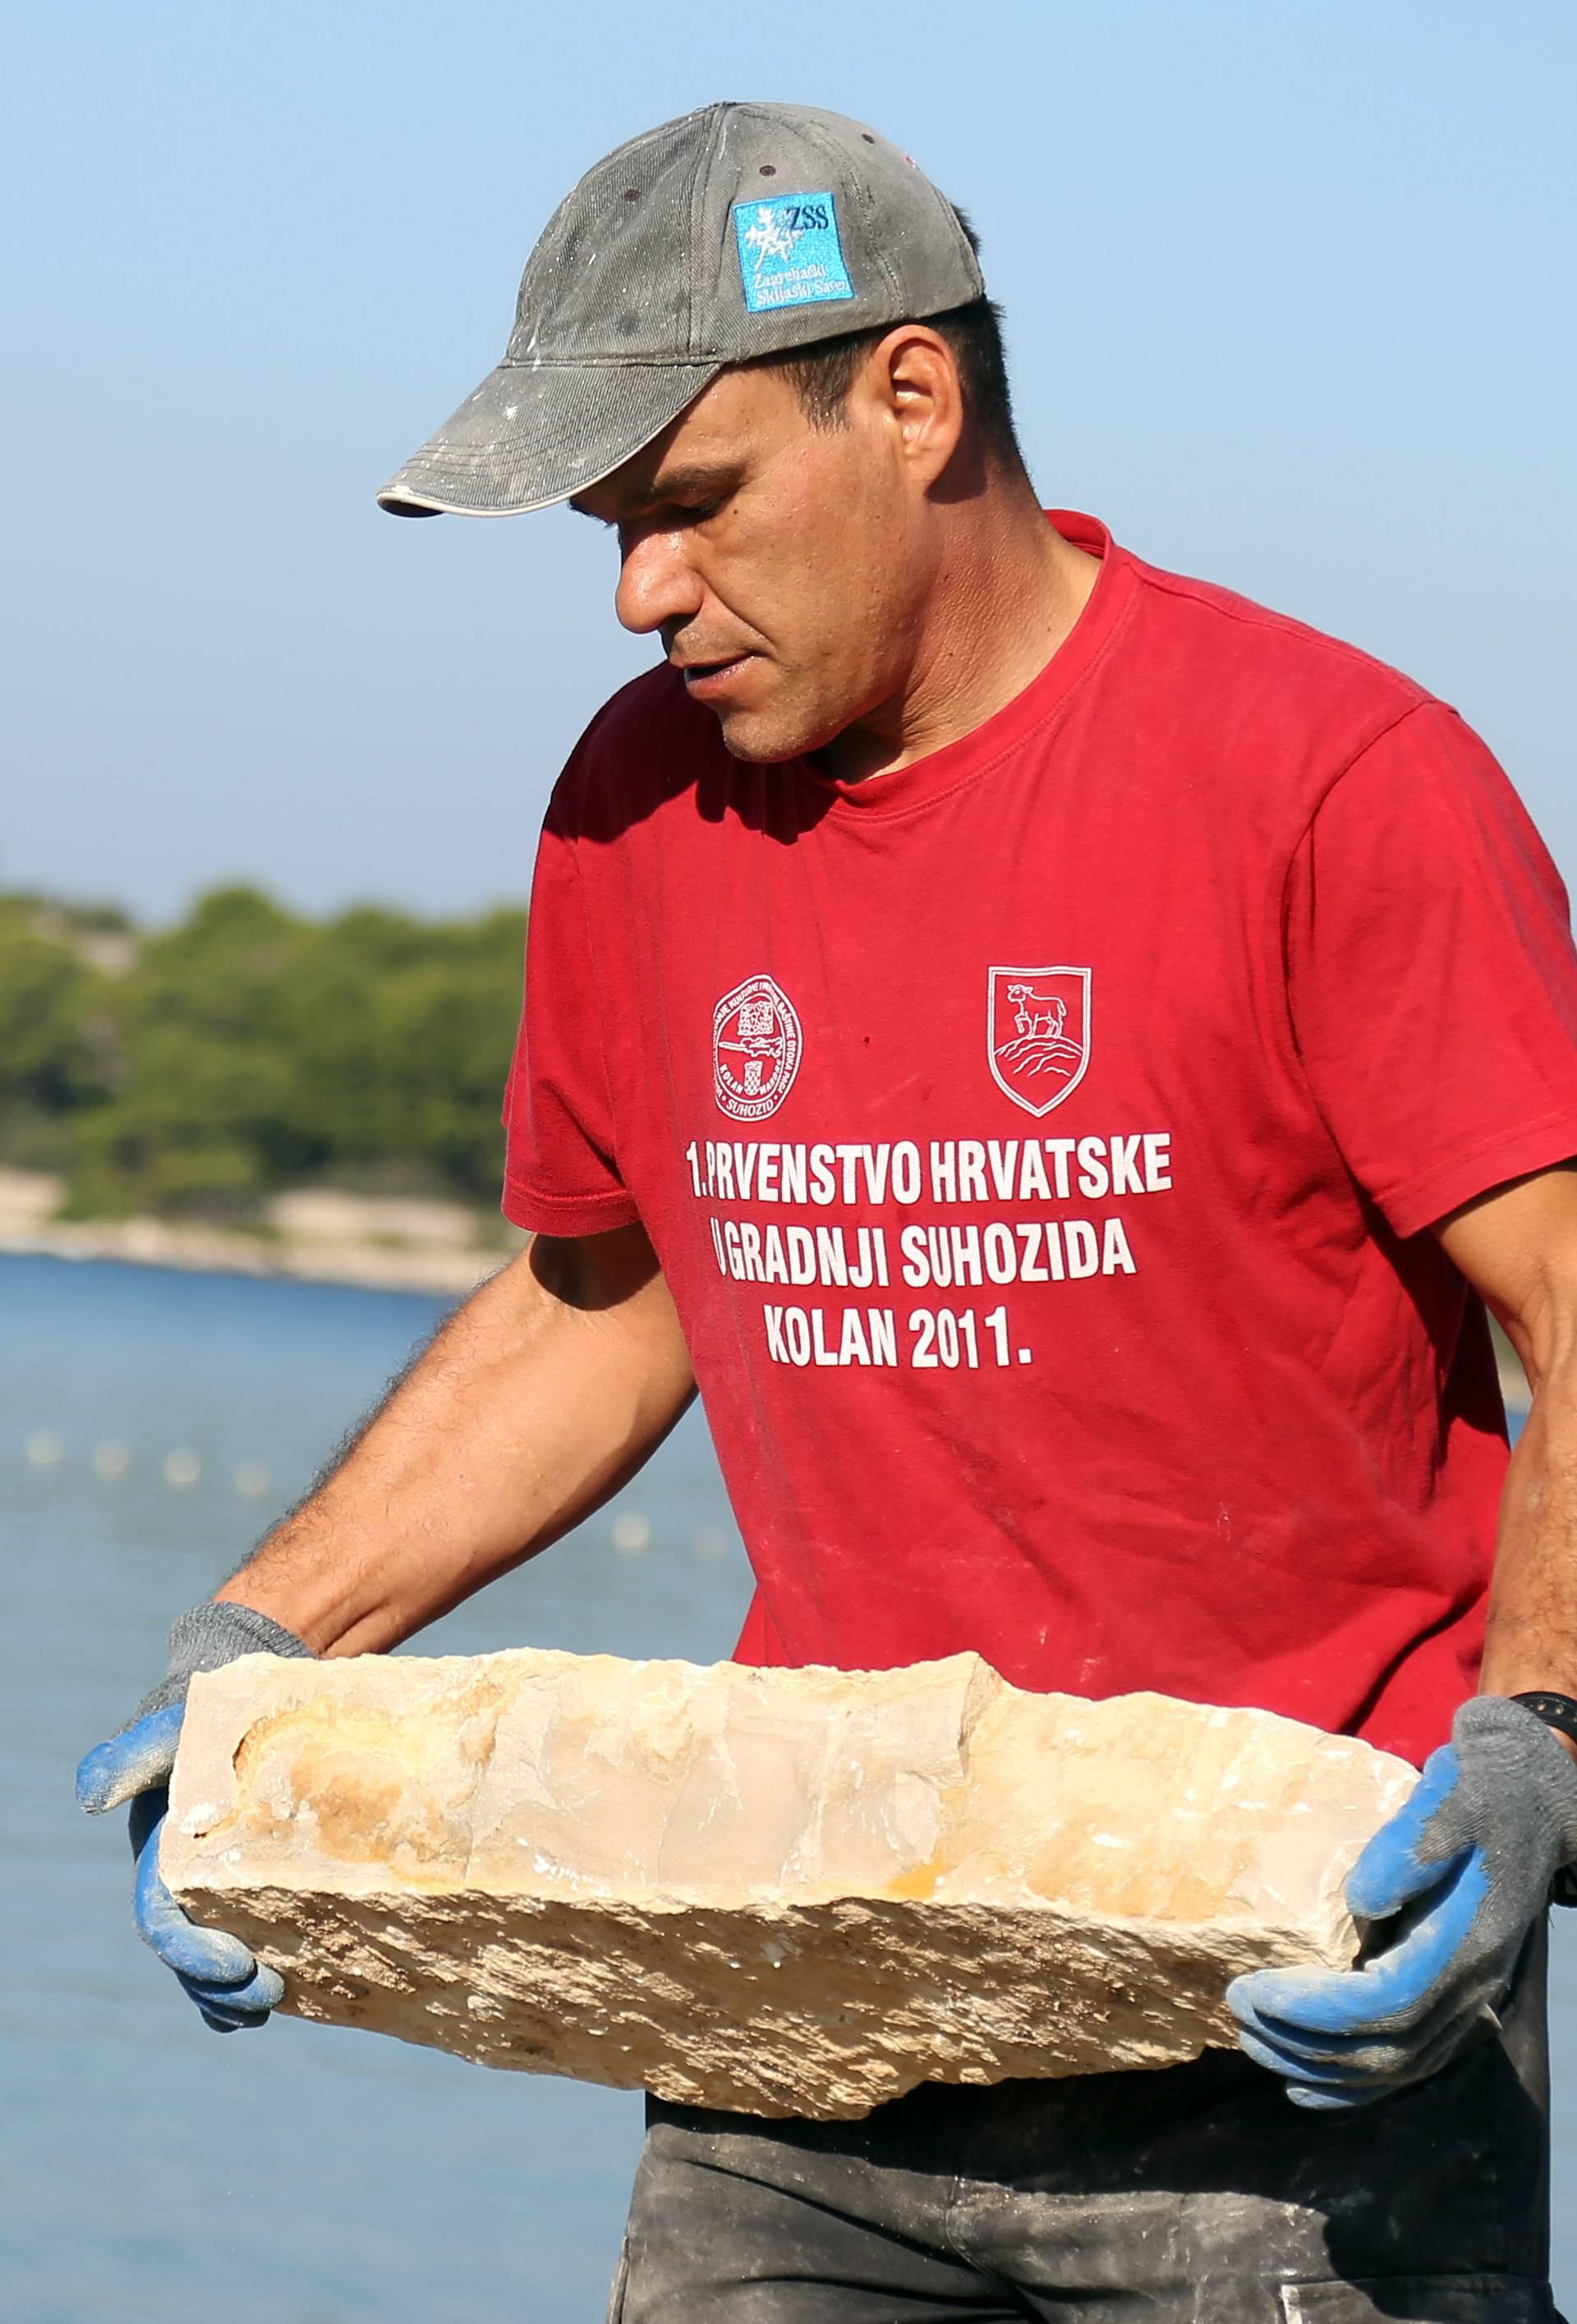 Murter: Održano 2. Prvenstvo Hrvatske u gradnji suhozida